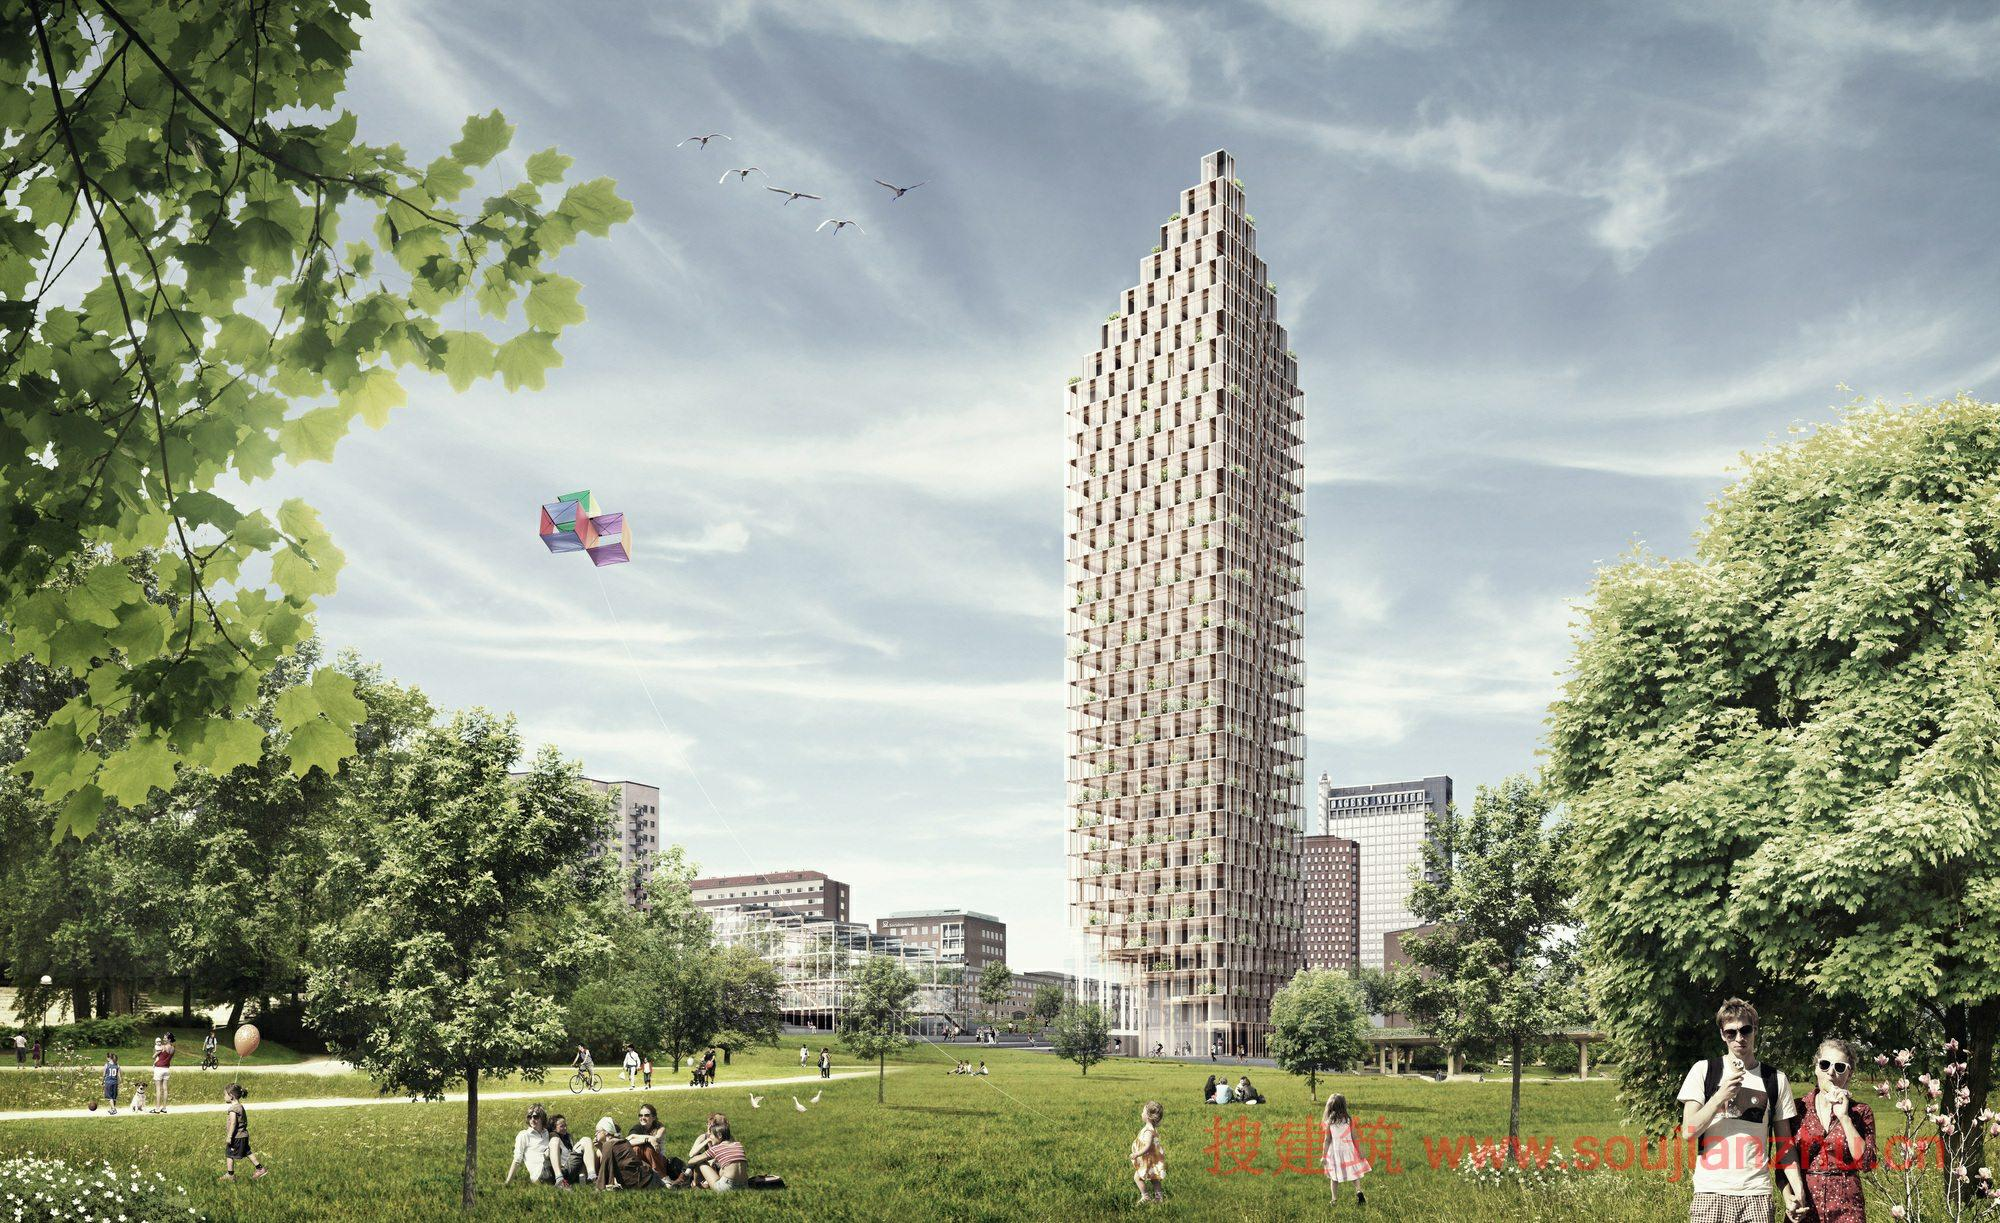 建筑师:Berg  C.F. Moller Architects 地点:瑞典 斯德哥尔摩 年份:2013 层数:34层 Berg  C.F. Moller建筑师与Dinell Johansson和consultants Tyrens合作。团队选择建立向上,并设计了一个34层的住宅楼,这将被视为英里。该项目是一个木结构的混凝土核心建筑,它的目的是让斯德哥尔摩人民一个新颖、独特的信标和会面的地方。 木材是自然的最创新的建筑材料之一,并且它的生产没有废物和二氧化碳结合。木材具有重量轻,且有很强的承